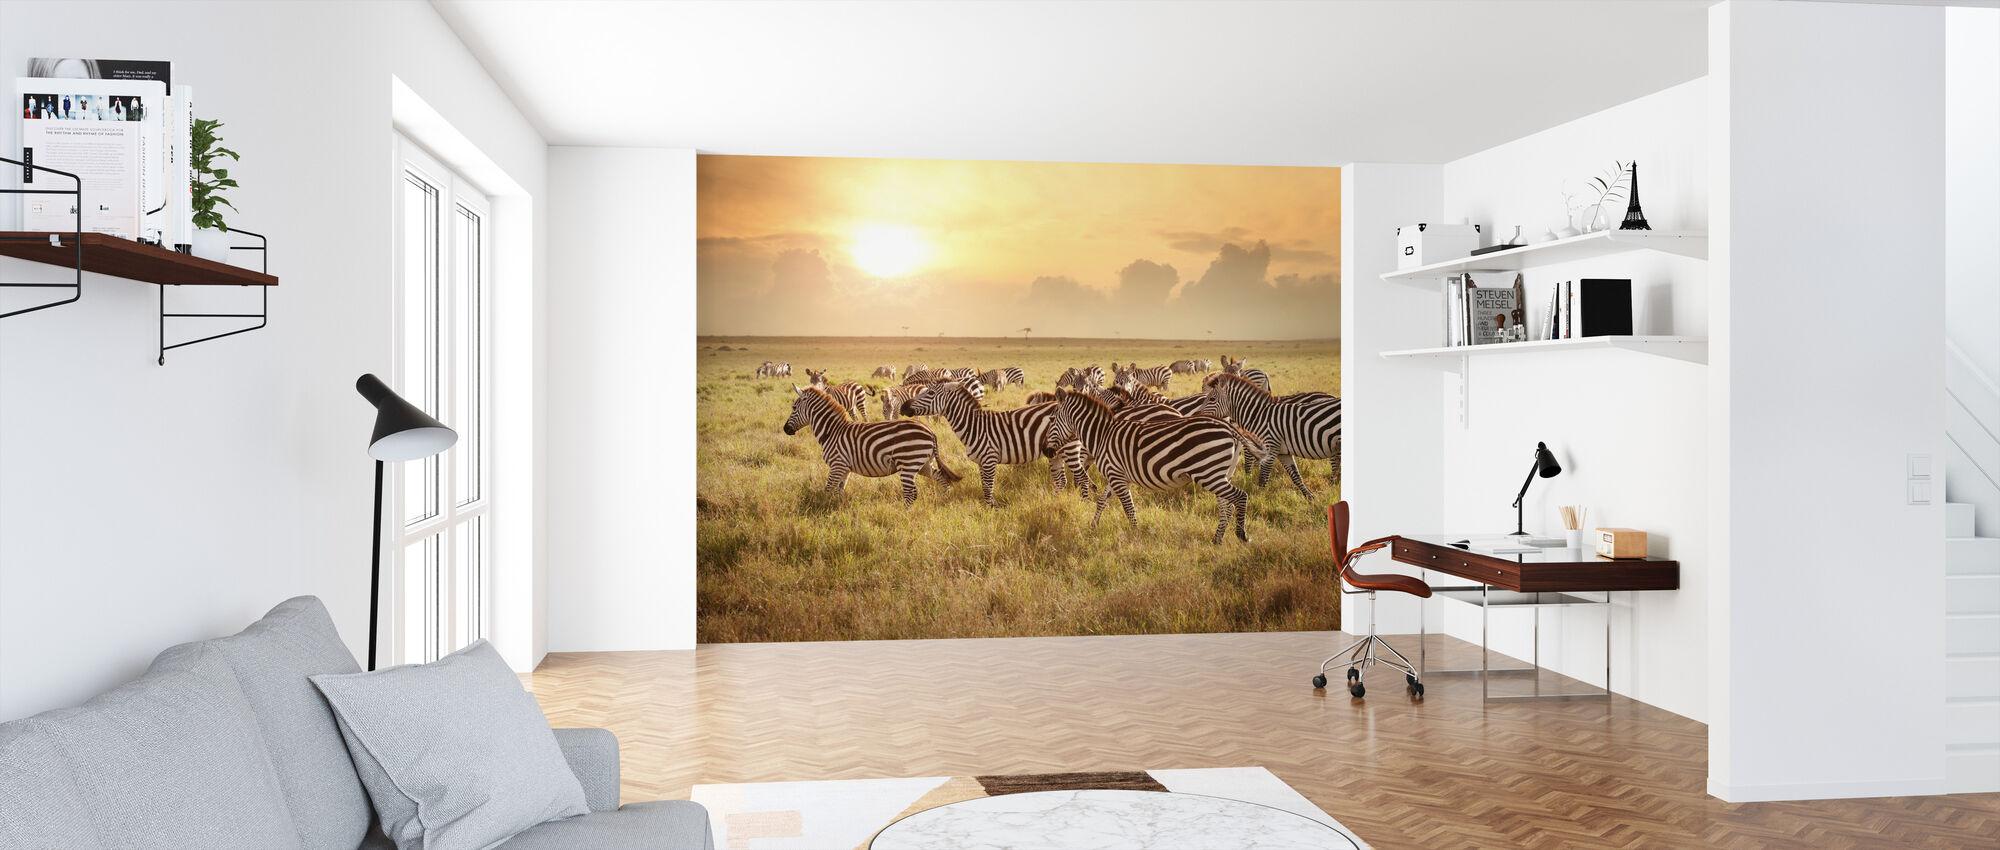 Zebras in the Morning - Wallpaper - Office